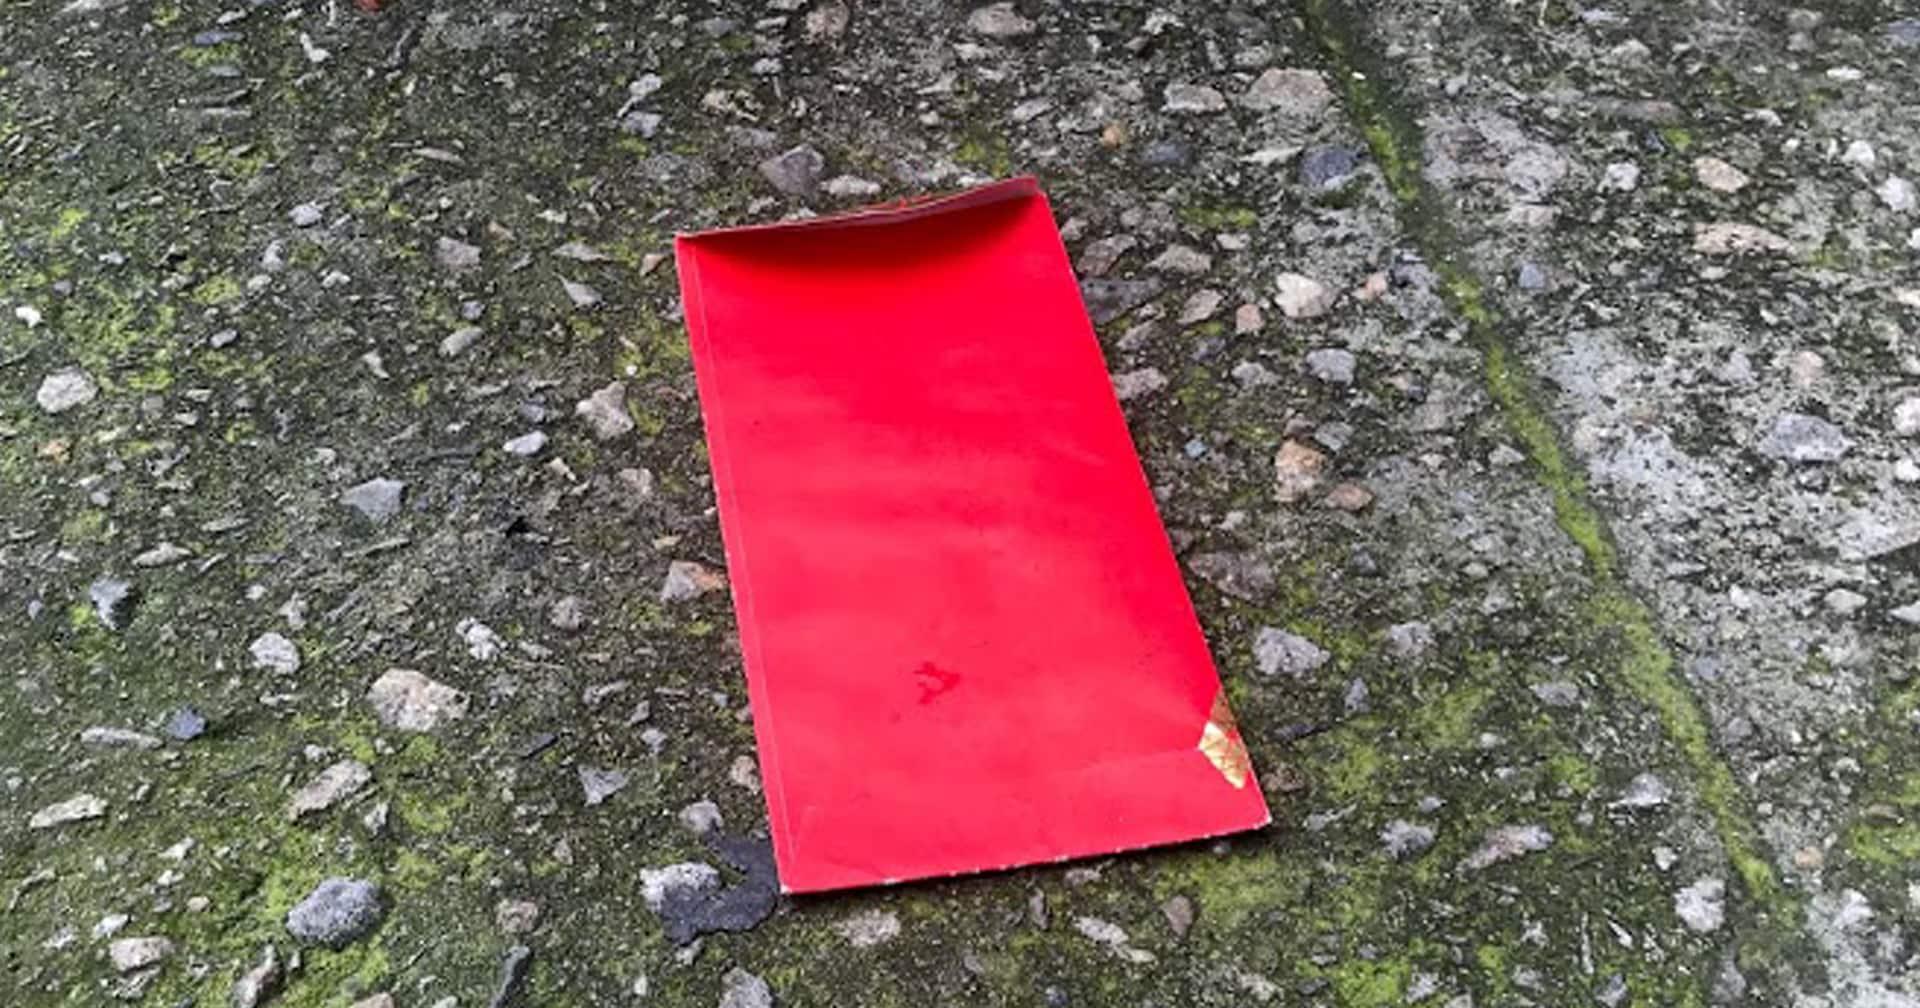 死者と結婚!?台湾の「赤い封筒」にまつわる恐ろしい風習が話題に